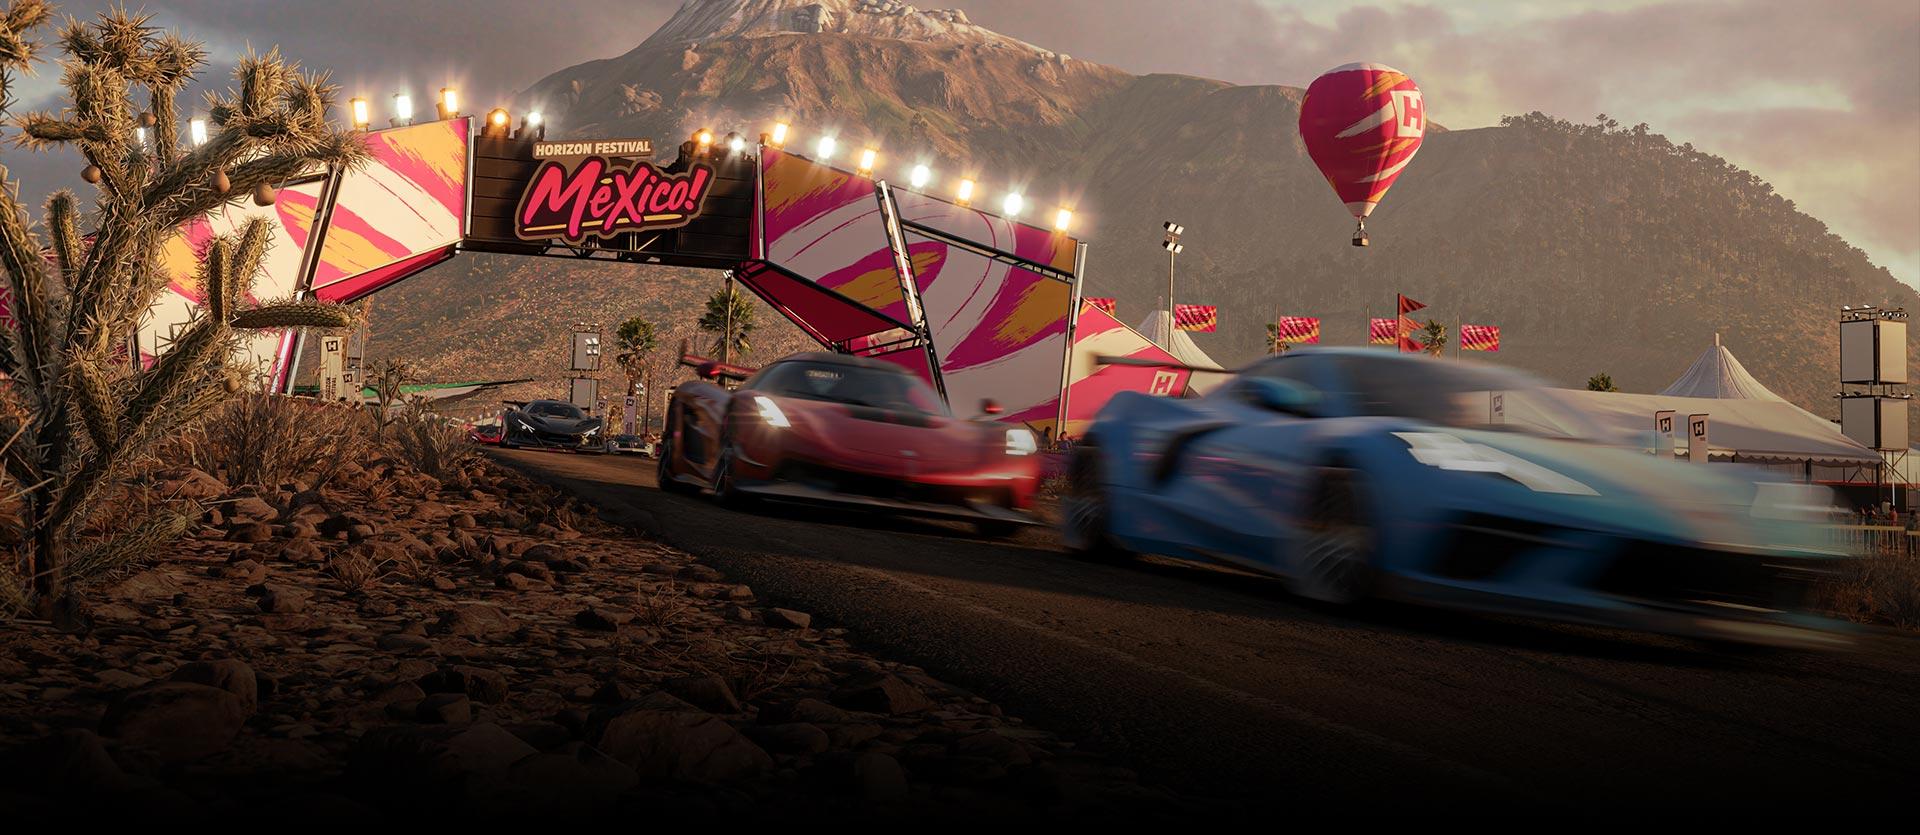 Caros do Forza Horizon 5 se movendo rápido por um Horizon Festival Mexico! Linha de chegada em um deserto com um balão de ar quente perto de uma montanha.